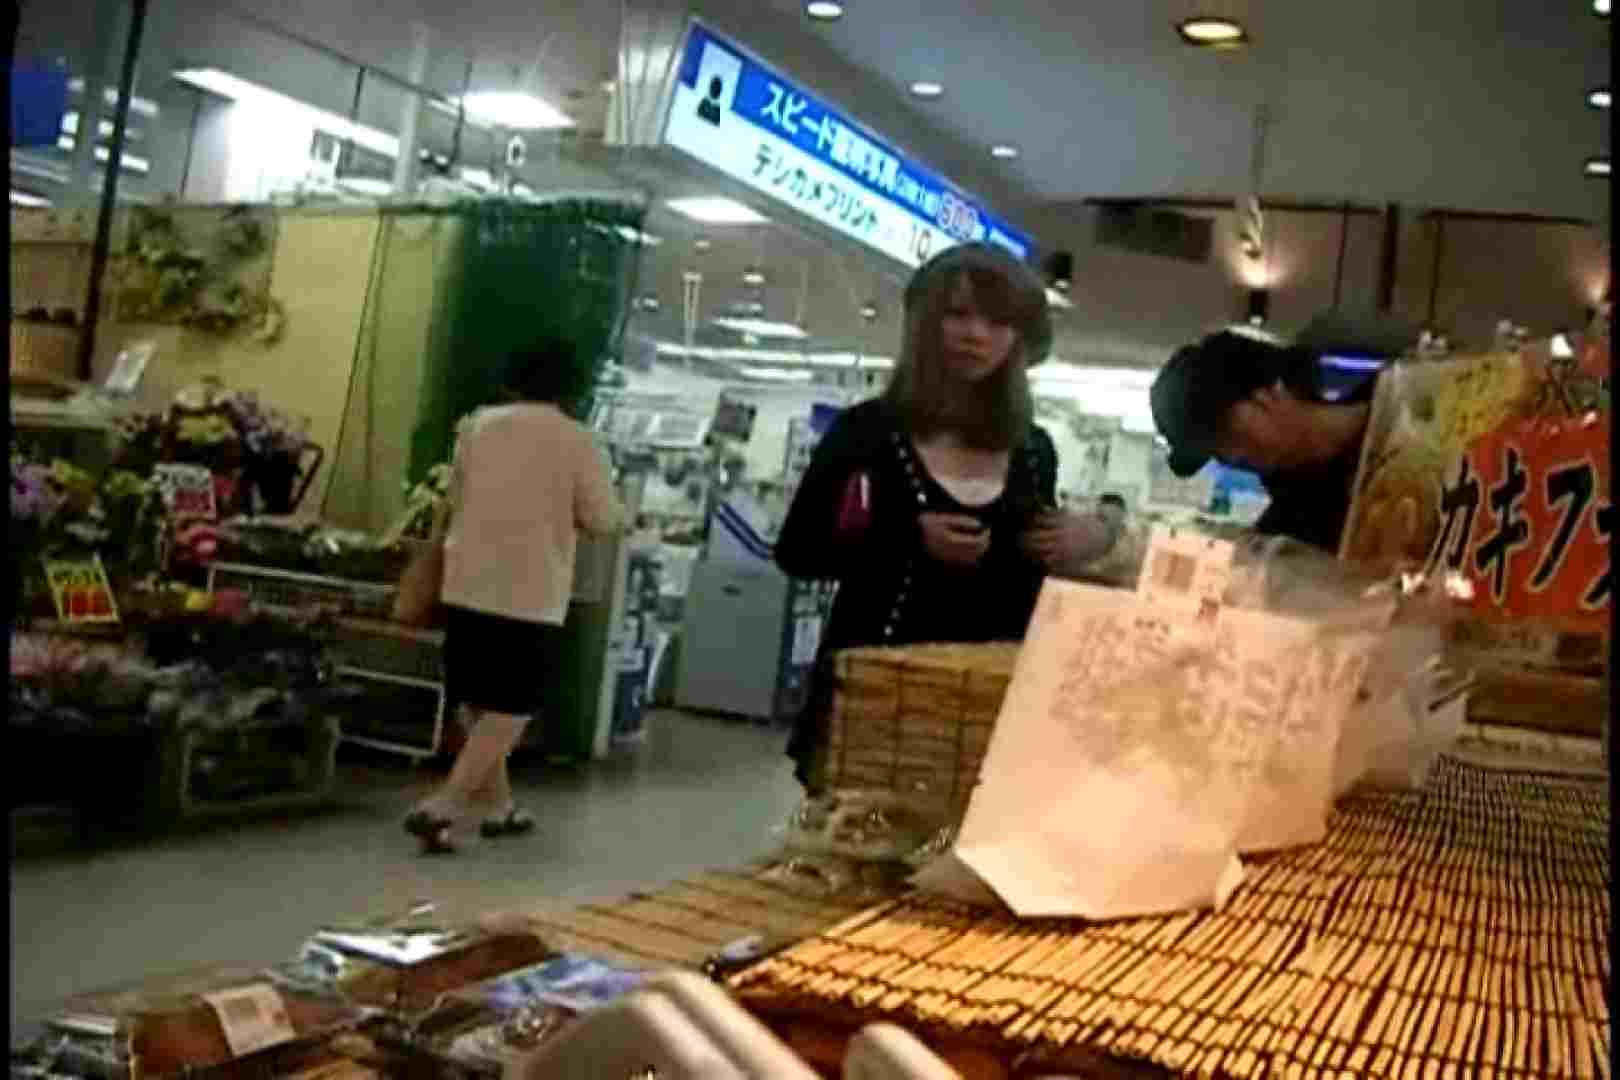 本日の大!!特選Vol.1 盗撮 盗み撮り動画キャプチャ 69PIX 19